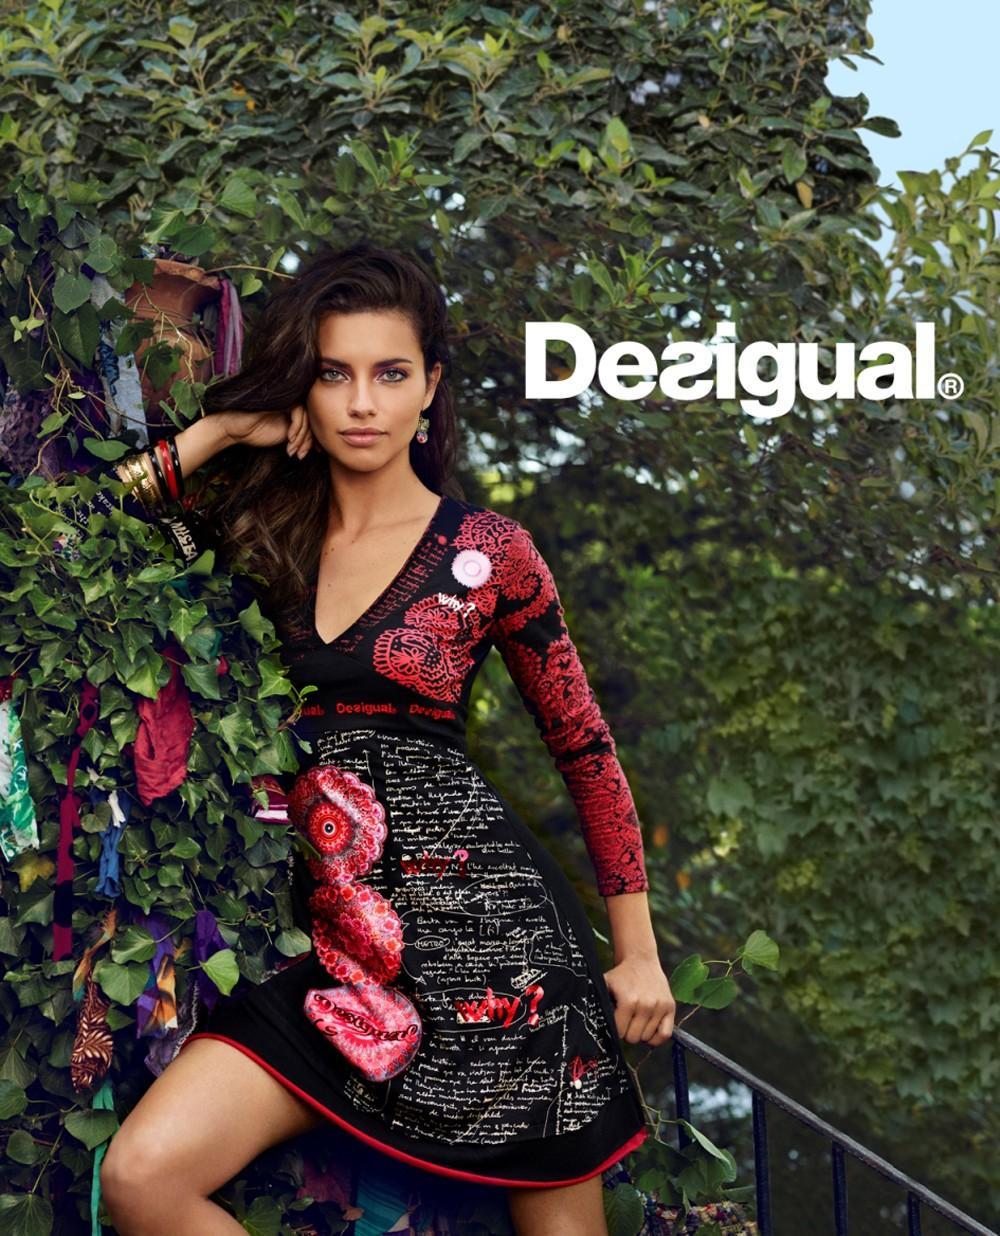 巴西超模Adriana Lima擔任Desigual首位形象大使 性感演繹秋冬系列4